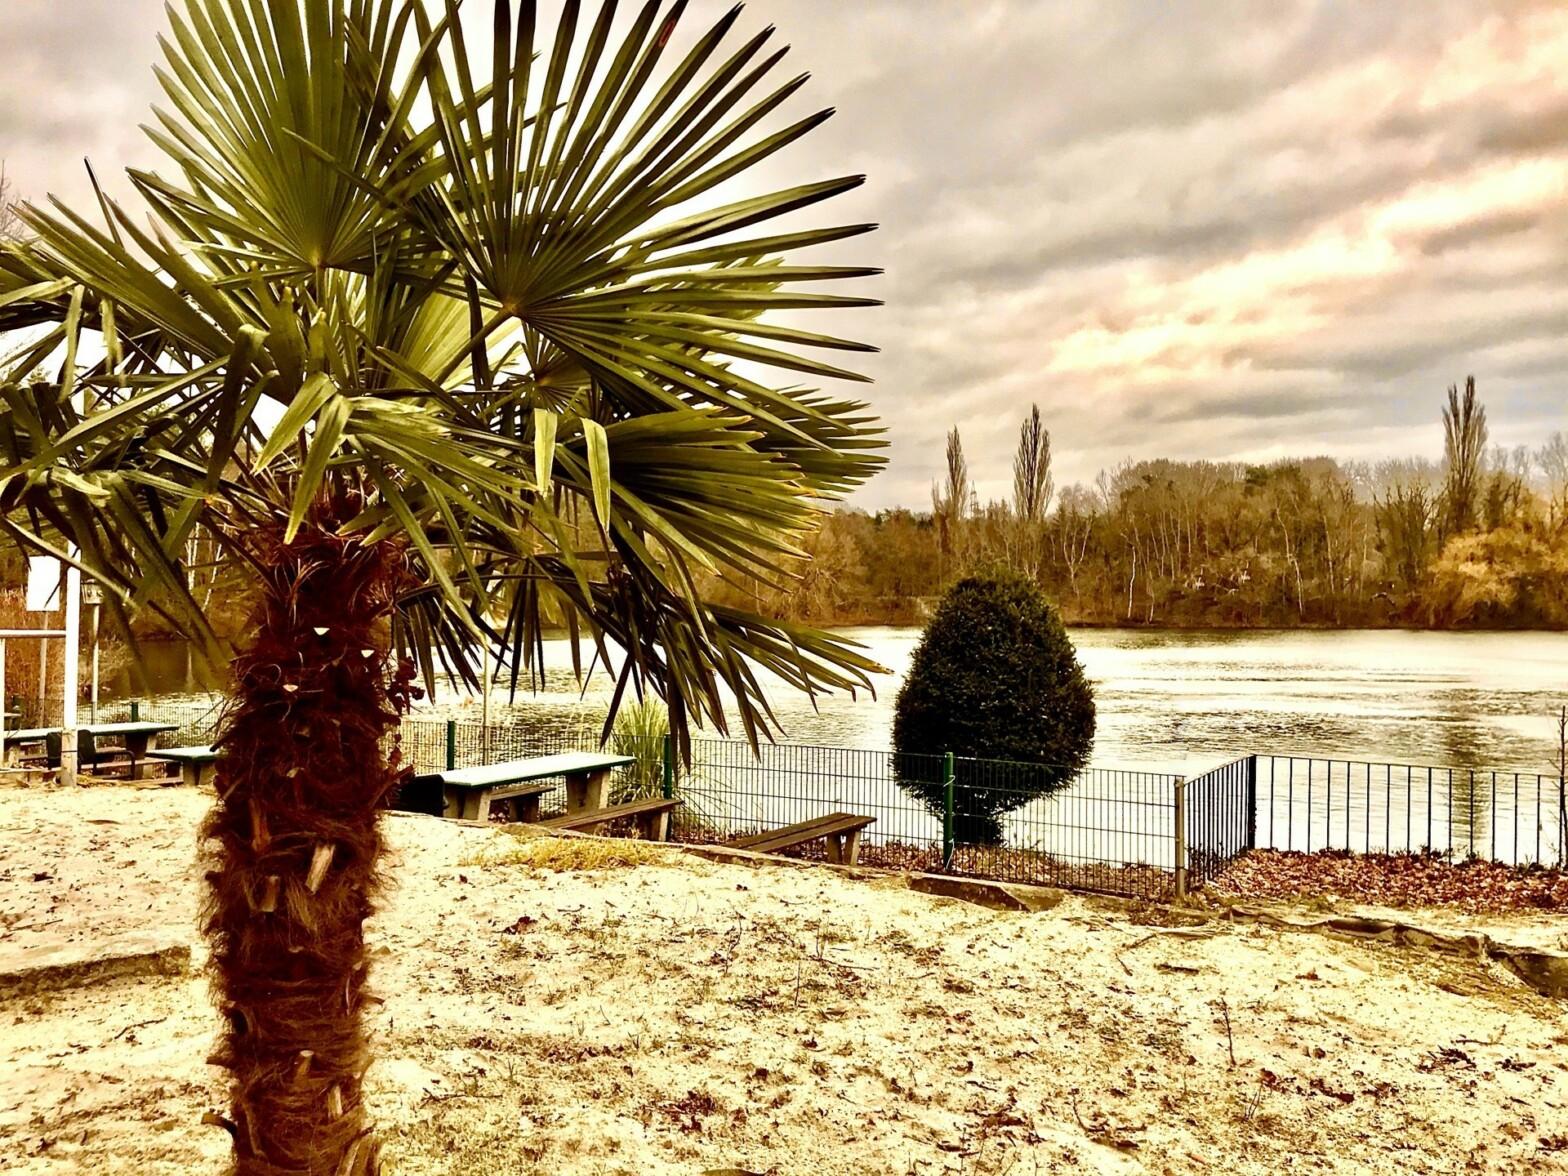 Palme am blauen See. Leicht nachkoloriert.